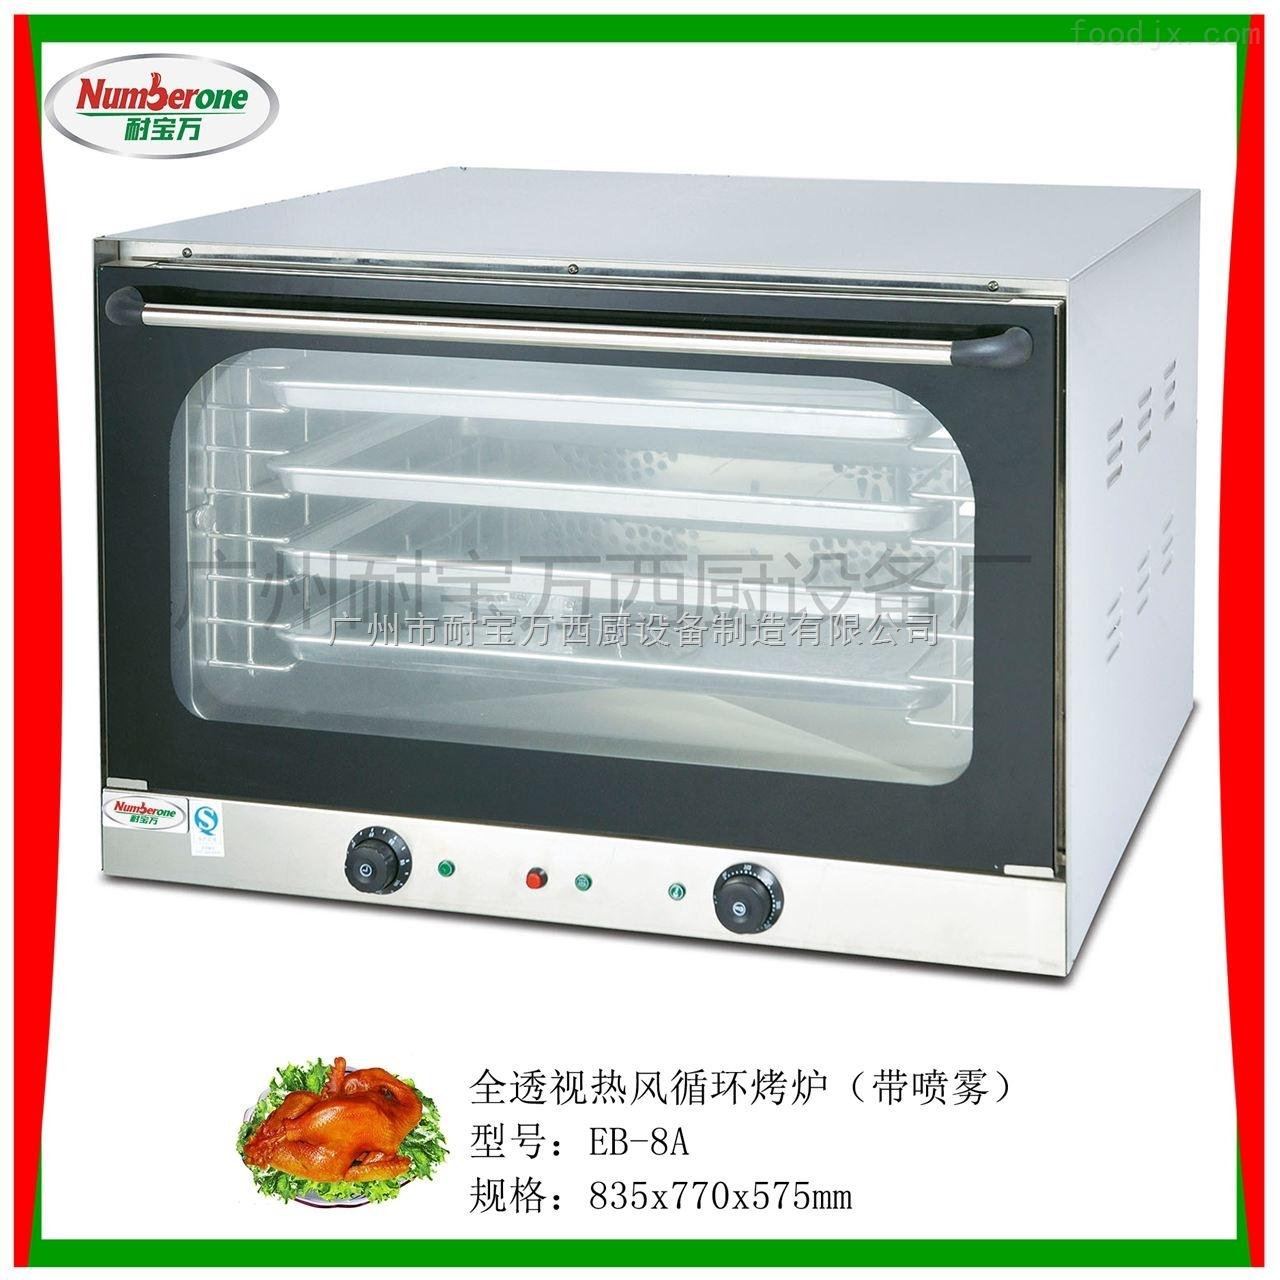 多功能热风循环电烤箱